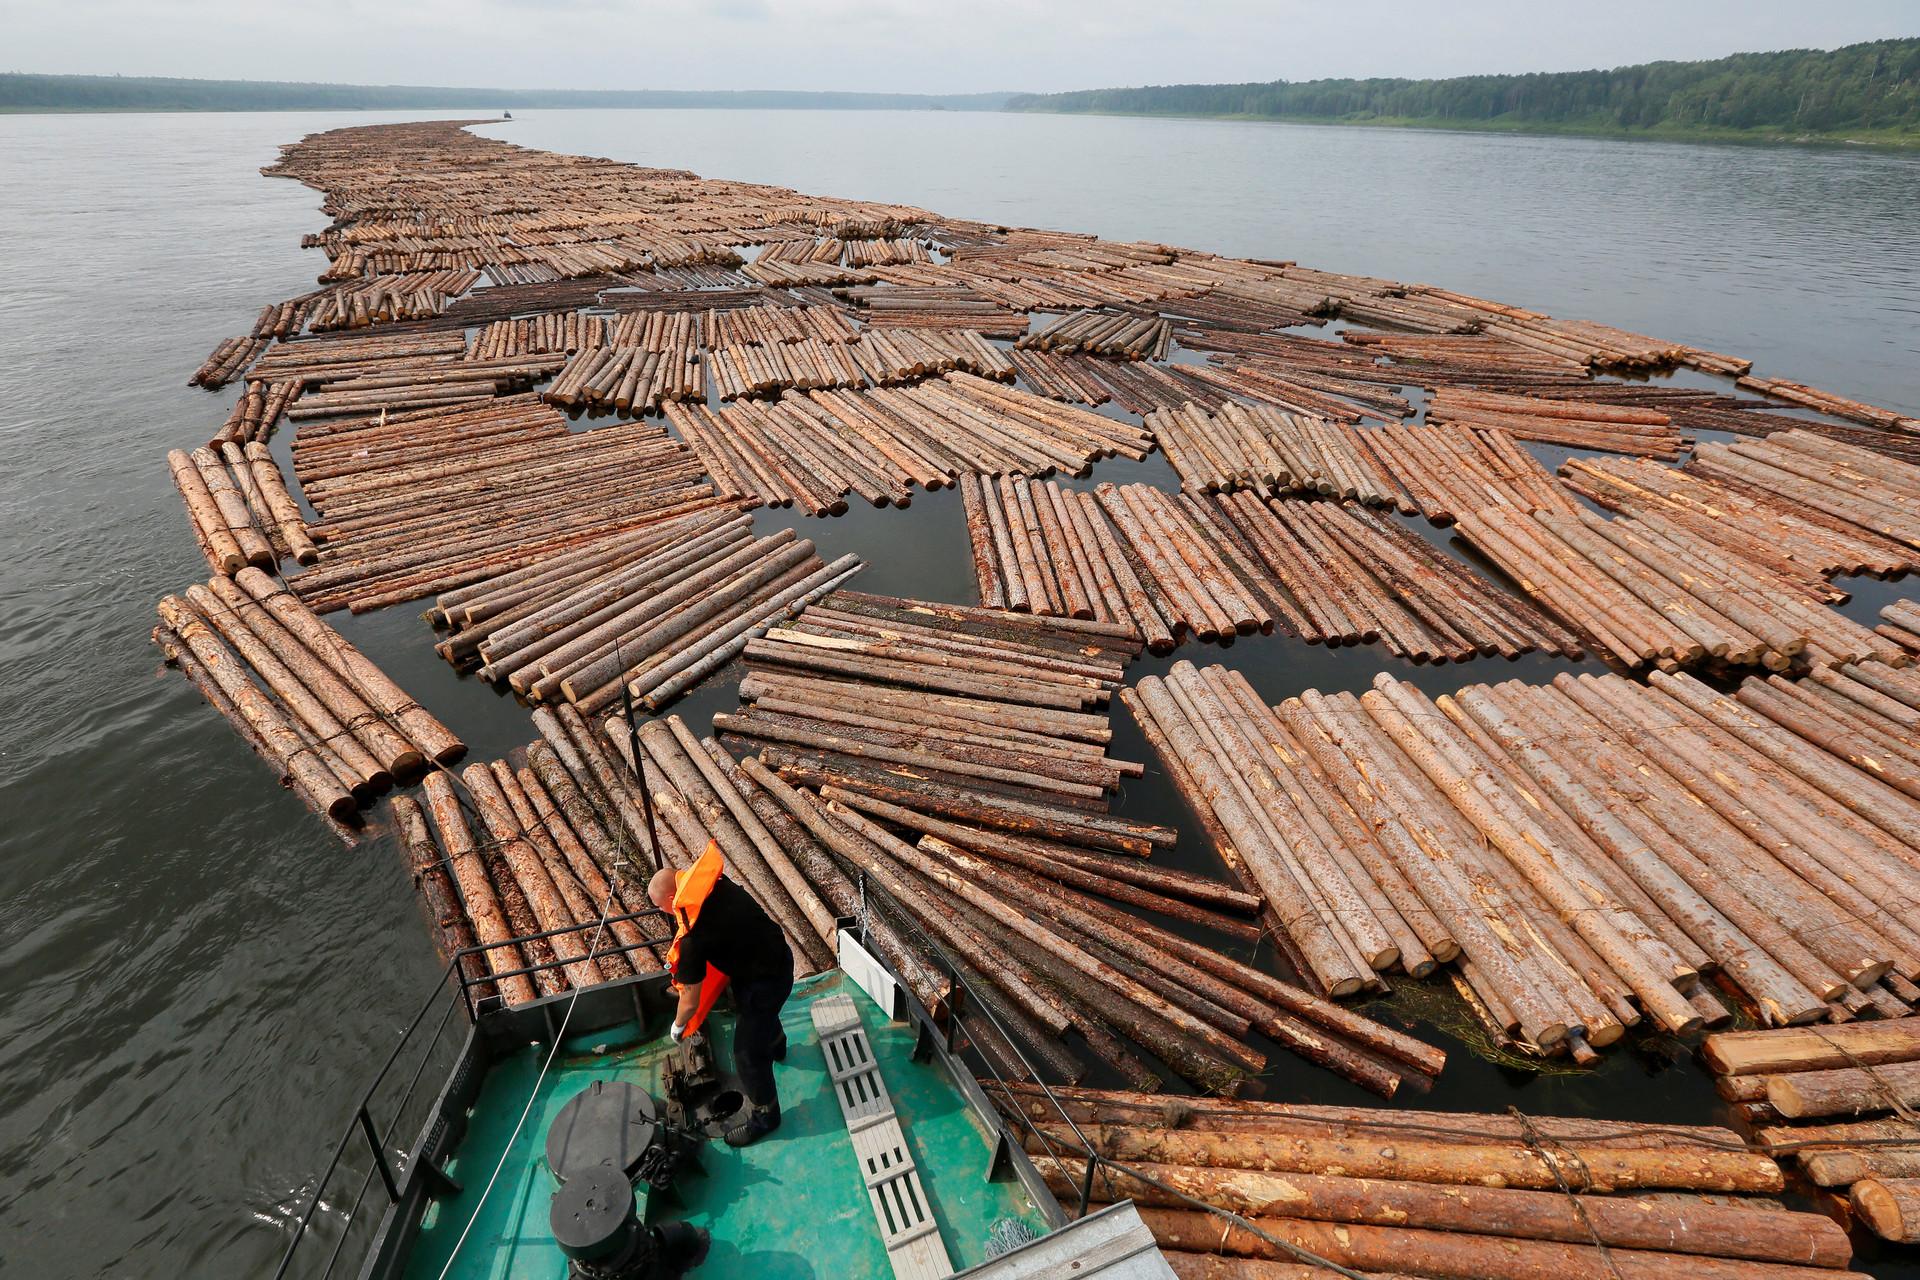 La Russia esporta in Italia perlopiù prodotti minerali, legname, metalli preziosi, pietre e prodotti chimici